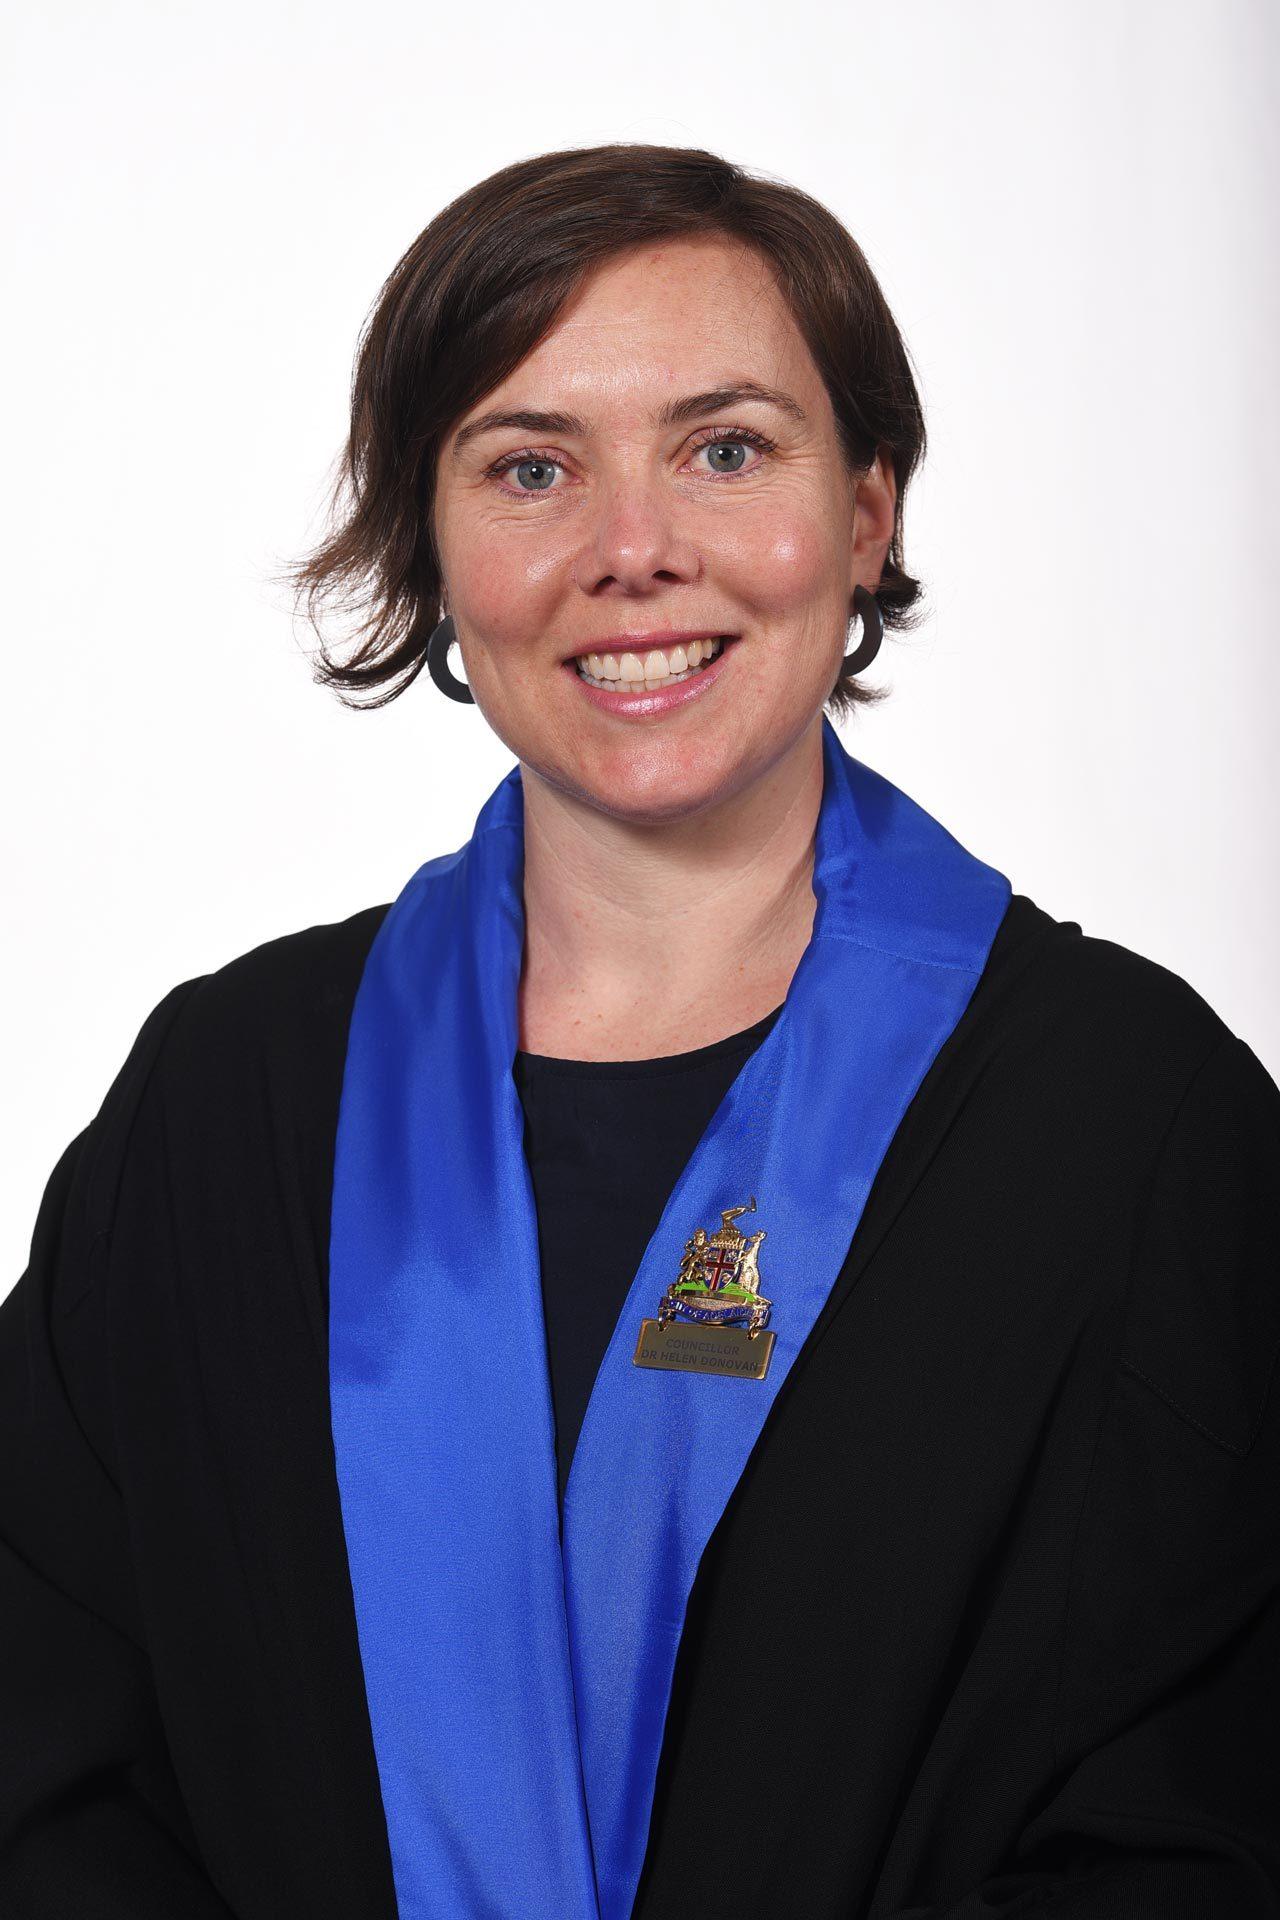 Councillor Dr Helen Donovan